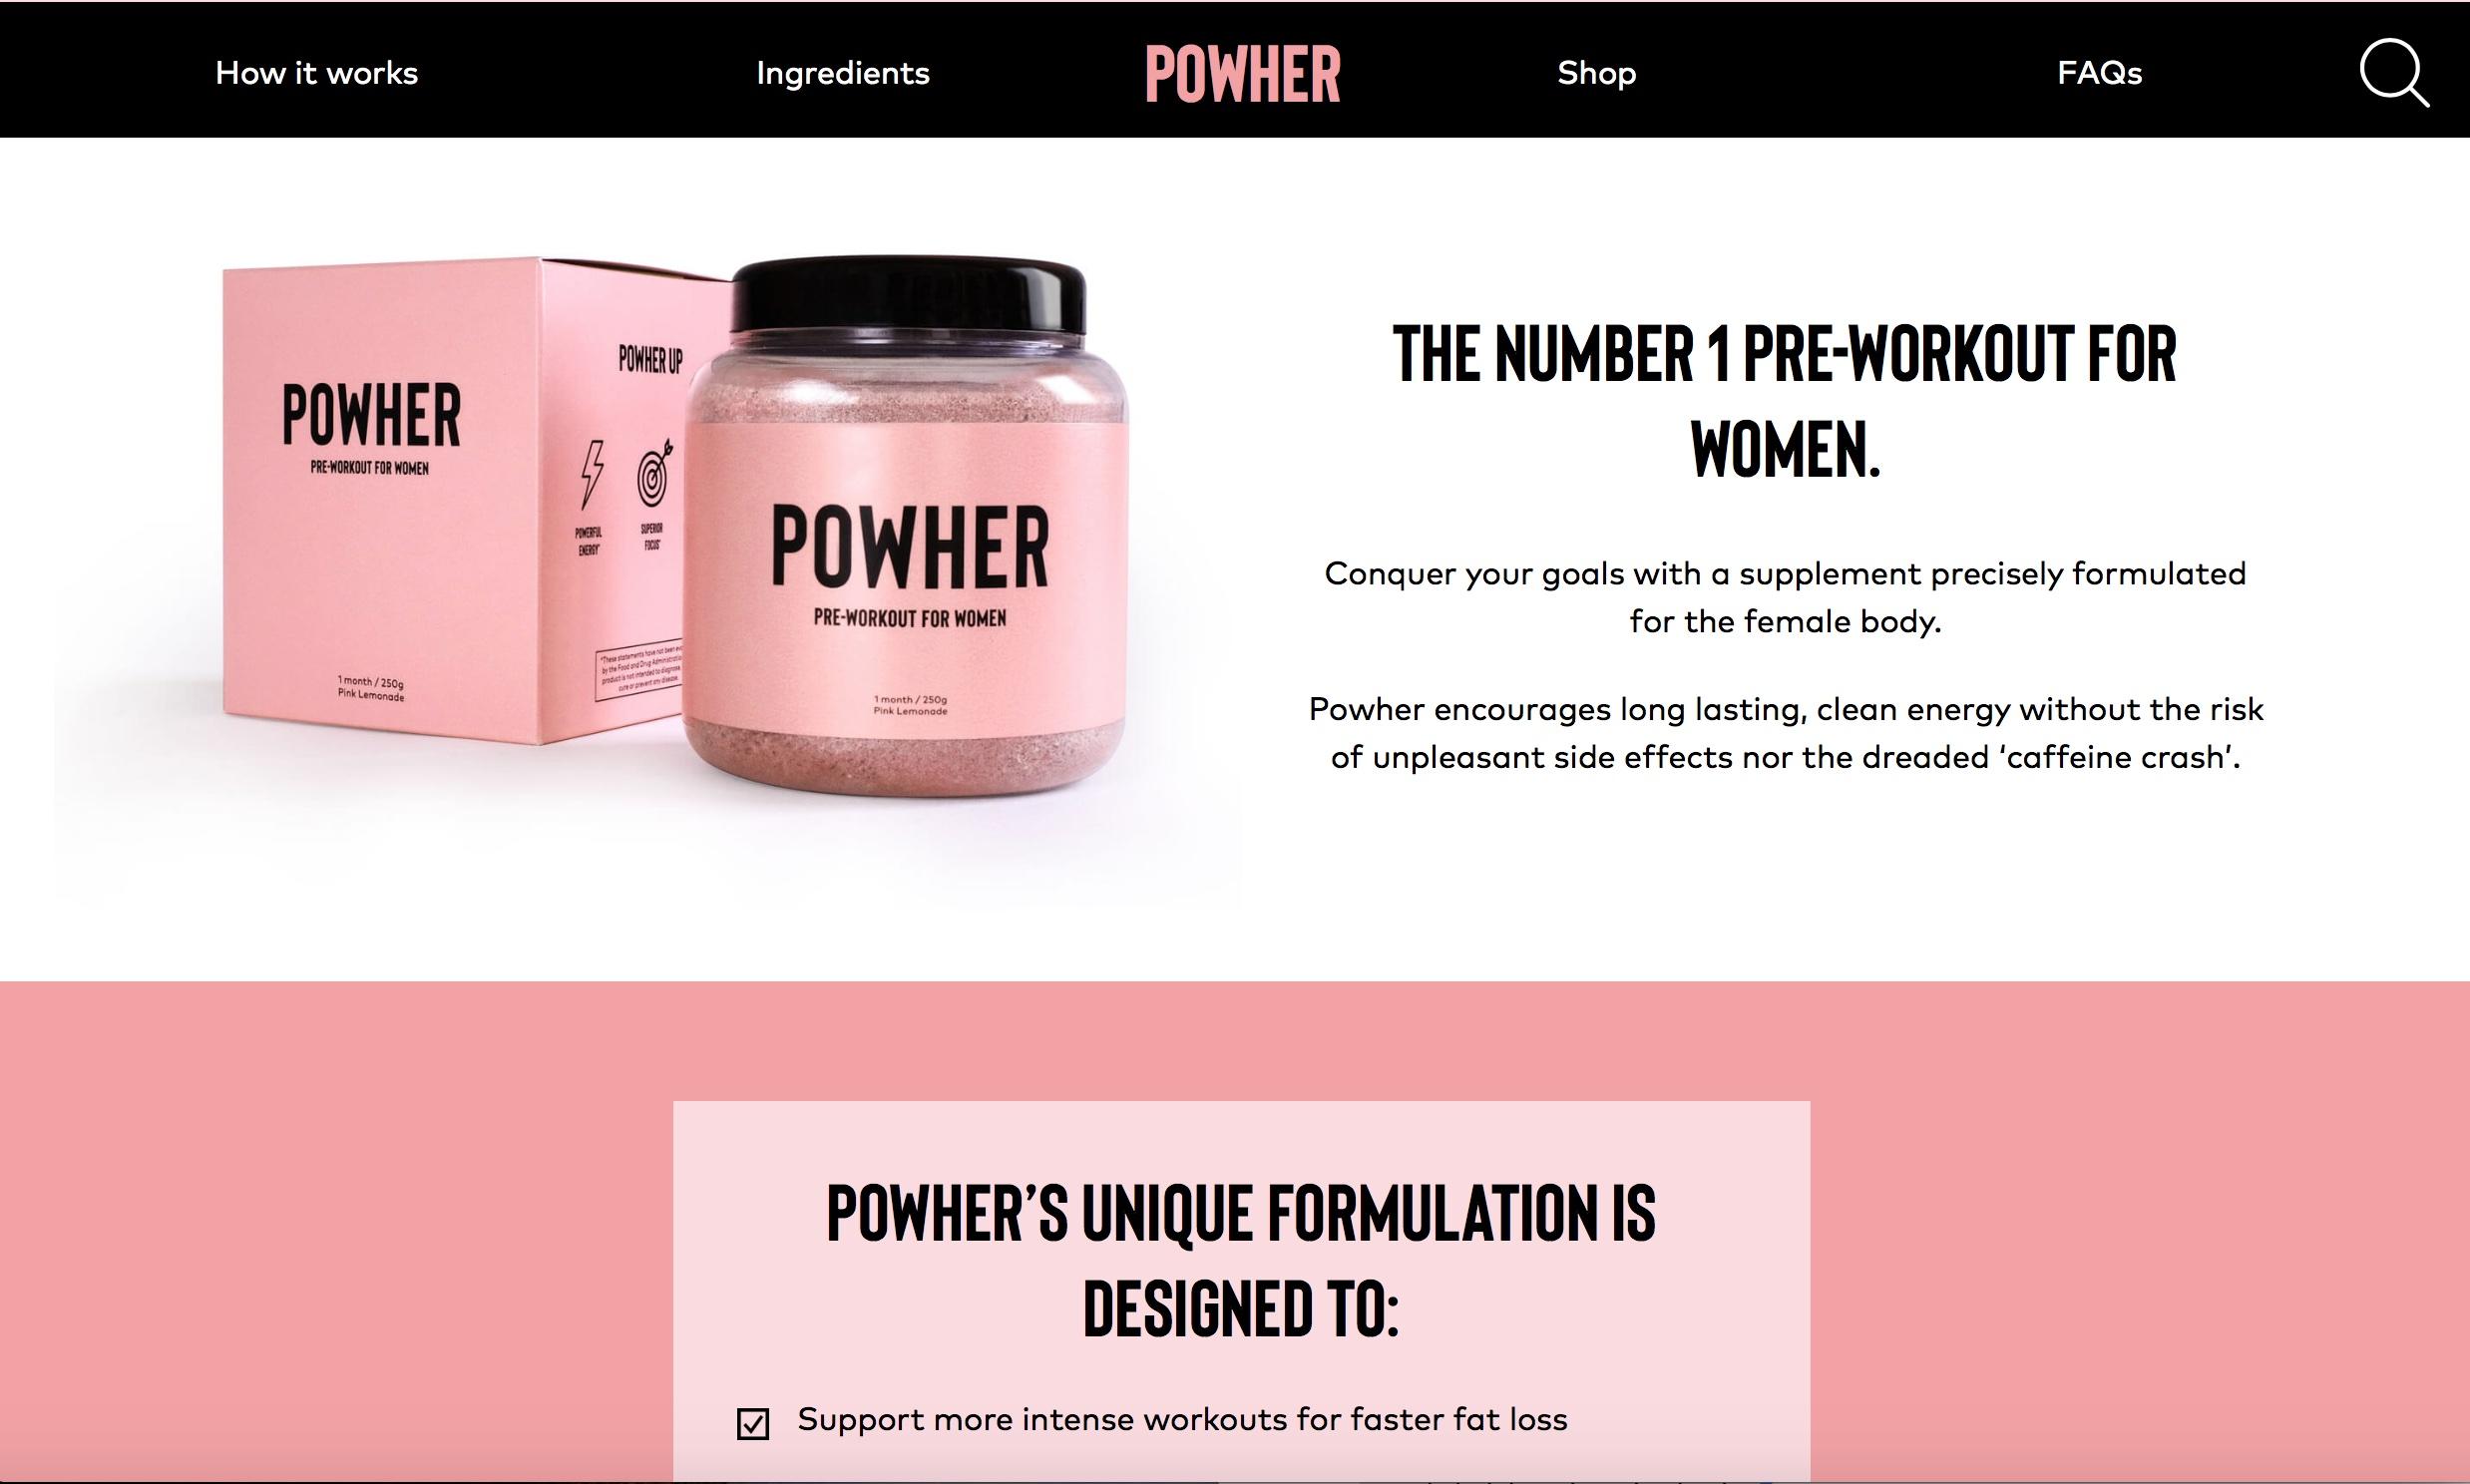 powher website